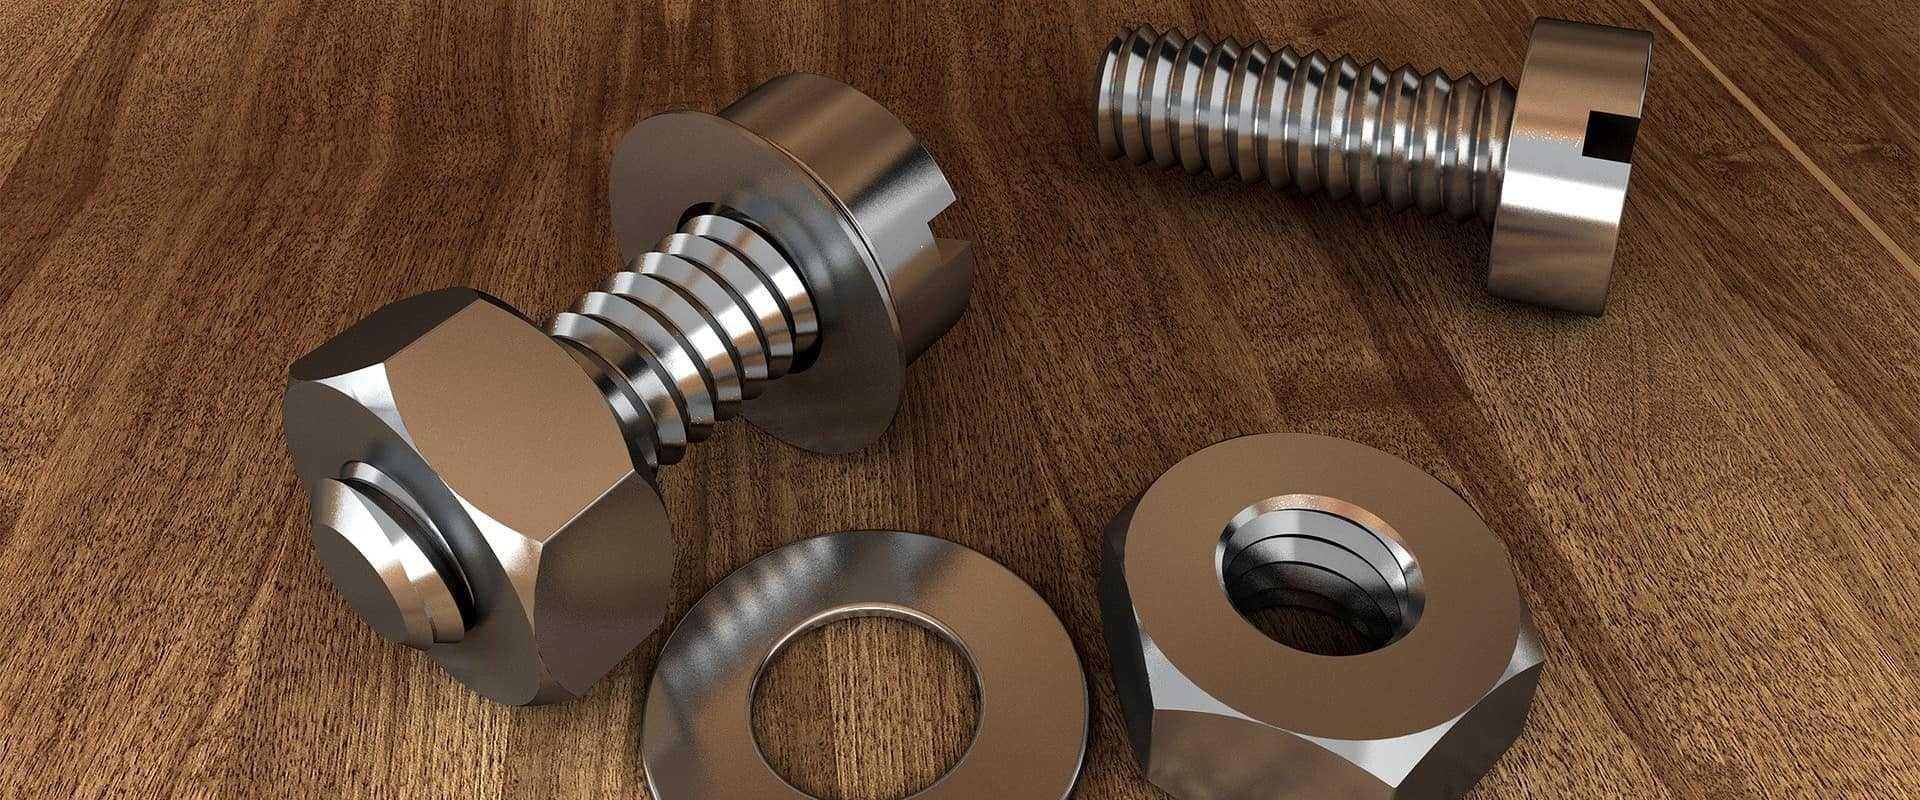 COSYS Lagerverwaltungssoftware für den technischen Handel